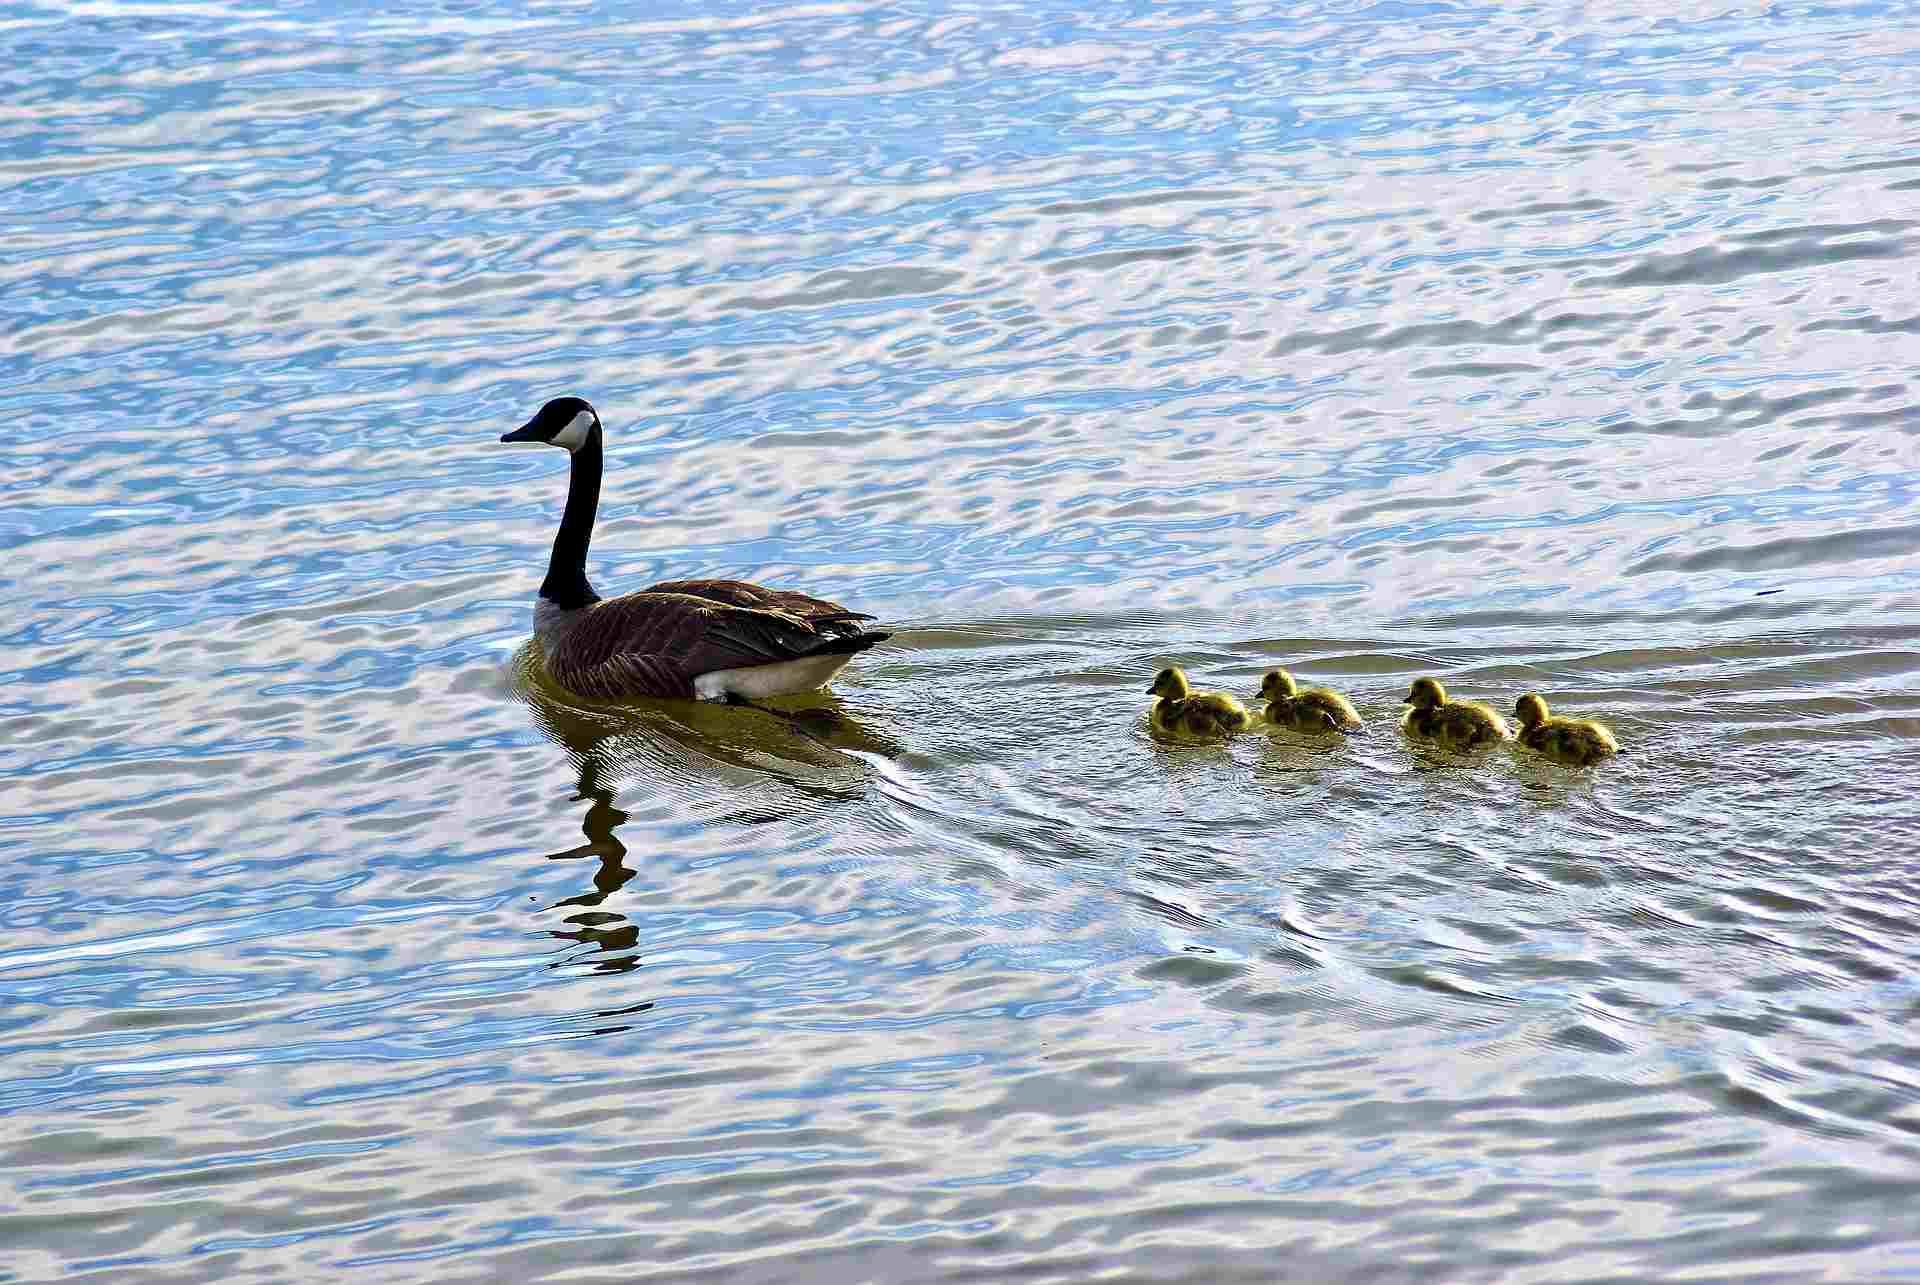 Geese swimming on Lake Dardanelle